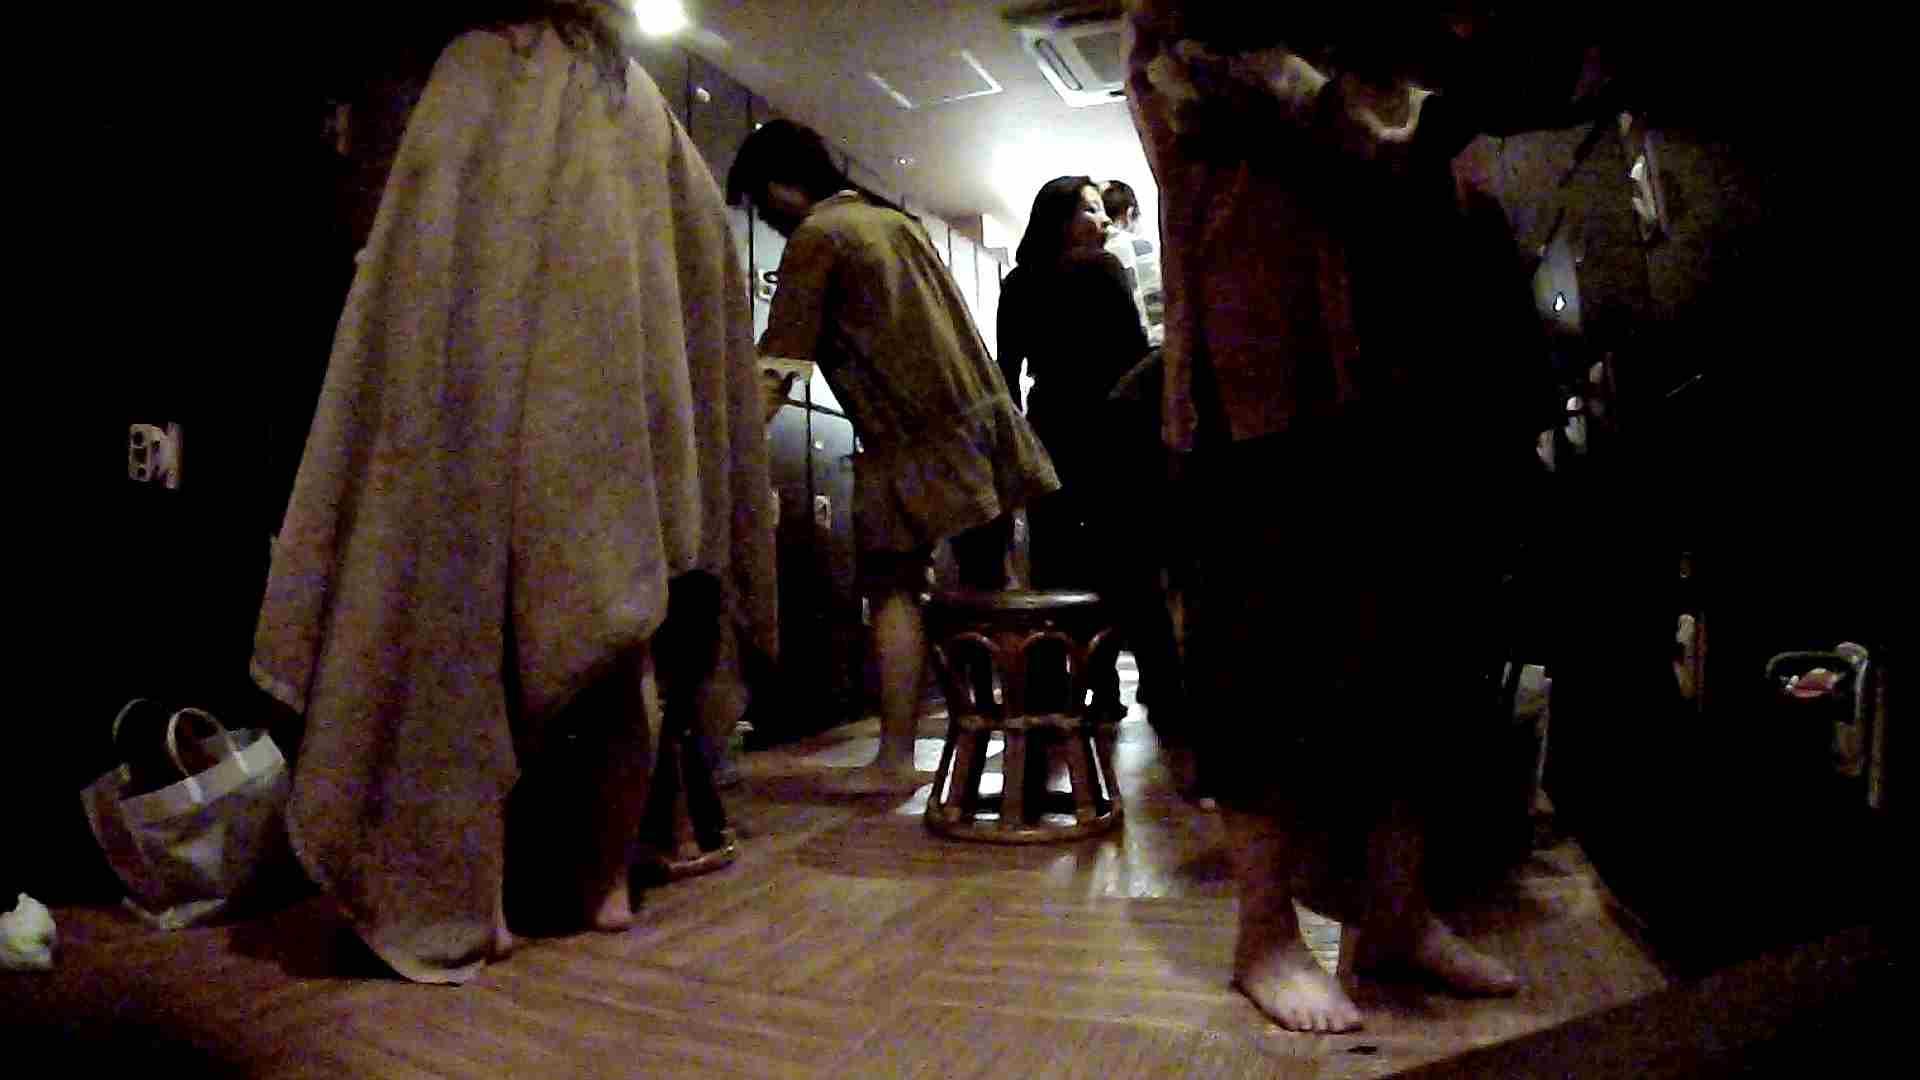 脱衣所!オムニバス 大混雑!注目はあの人の御御足でしょう。 脱衣所 盗撮戯れ無修正画像 25pic 17